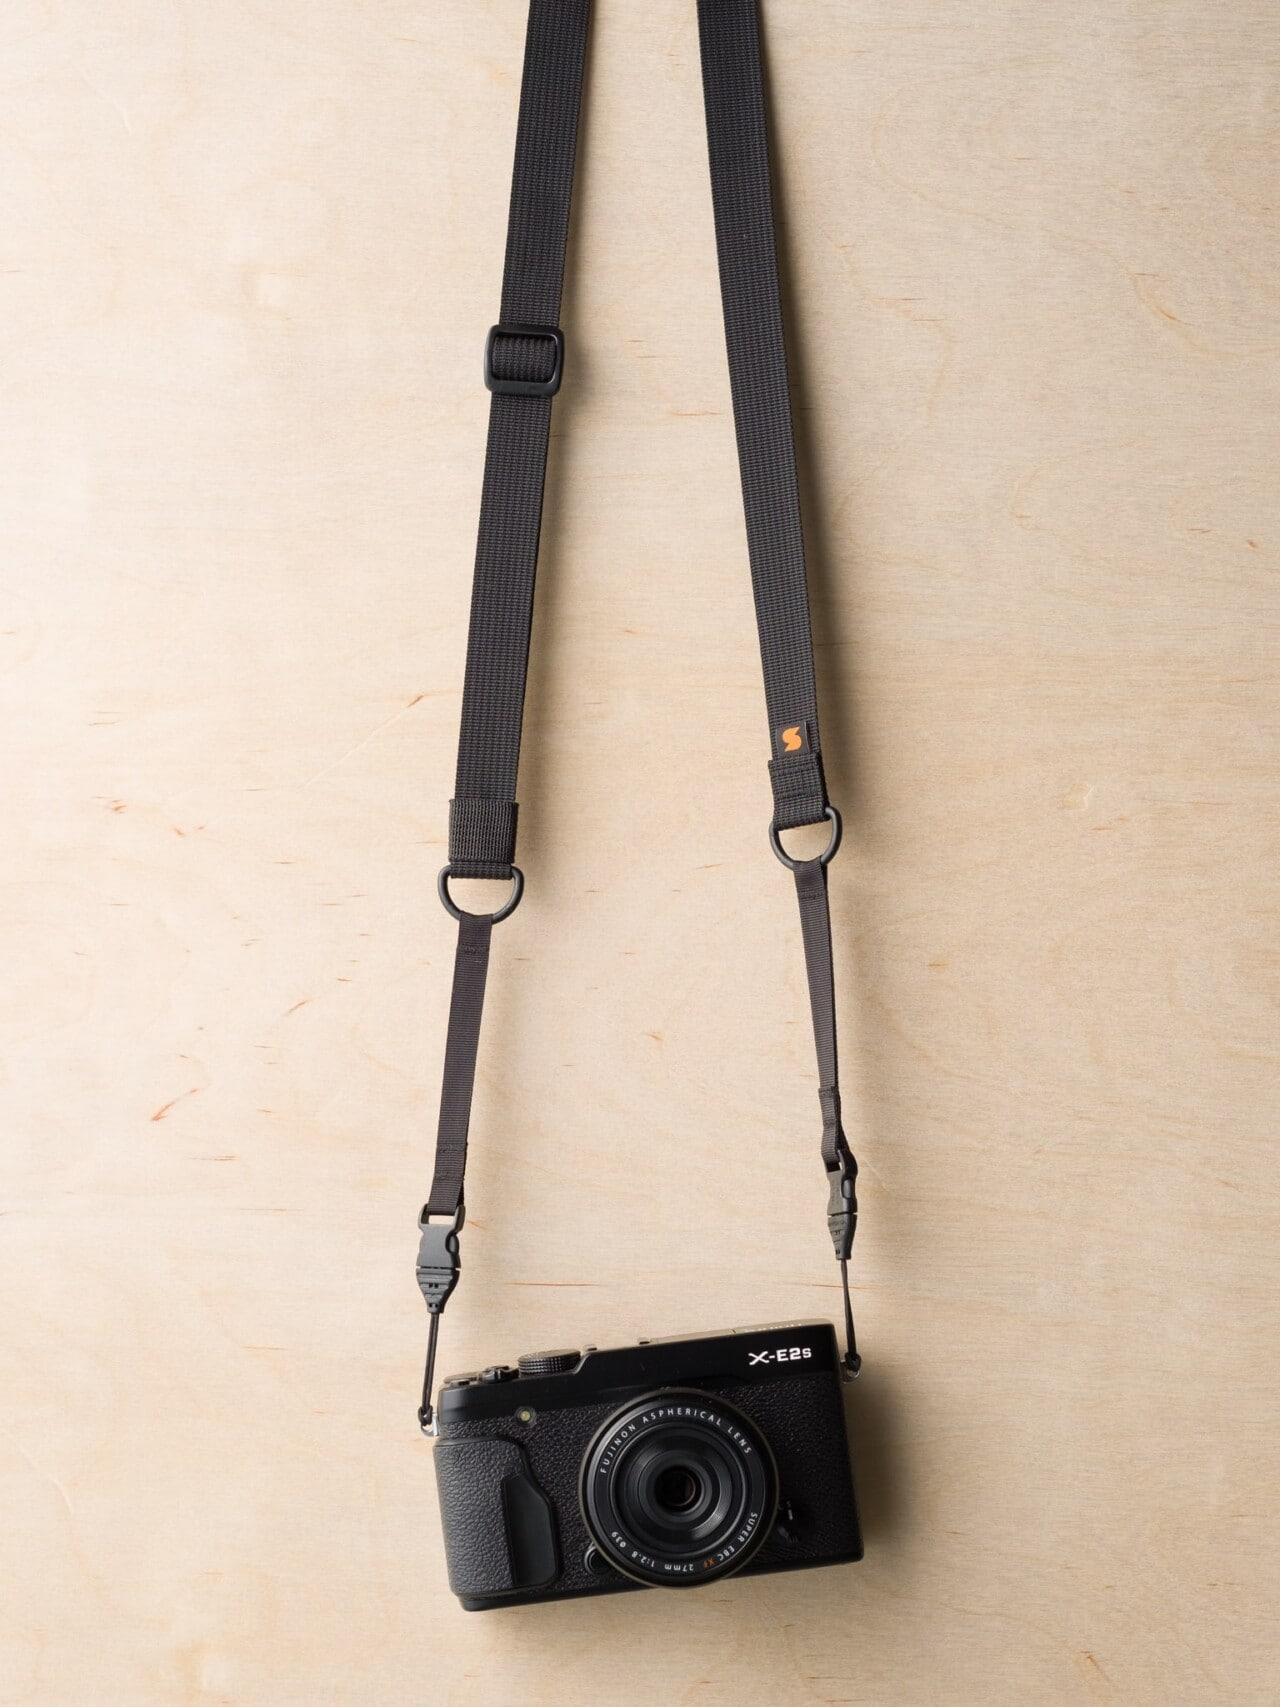 M1ultralight Camera Strap on Fuji X-E2s in Black